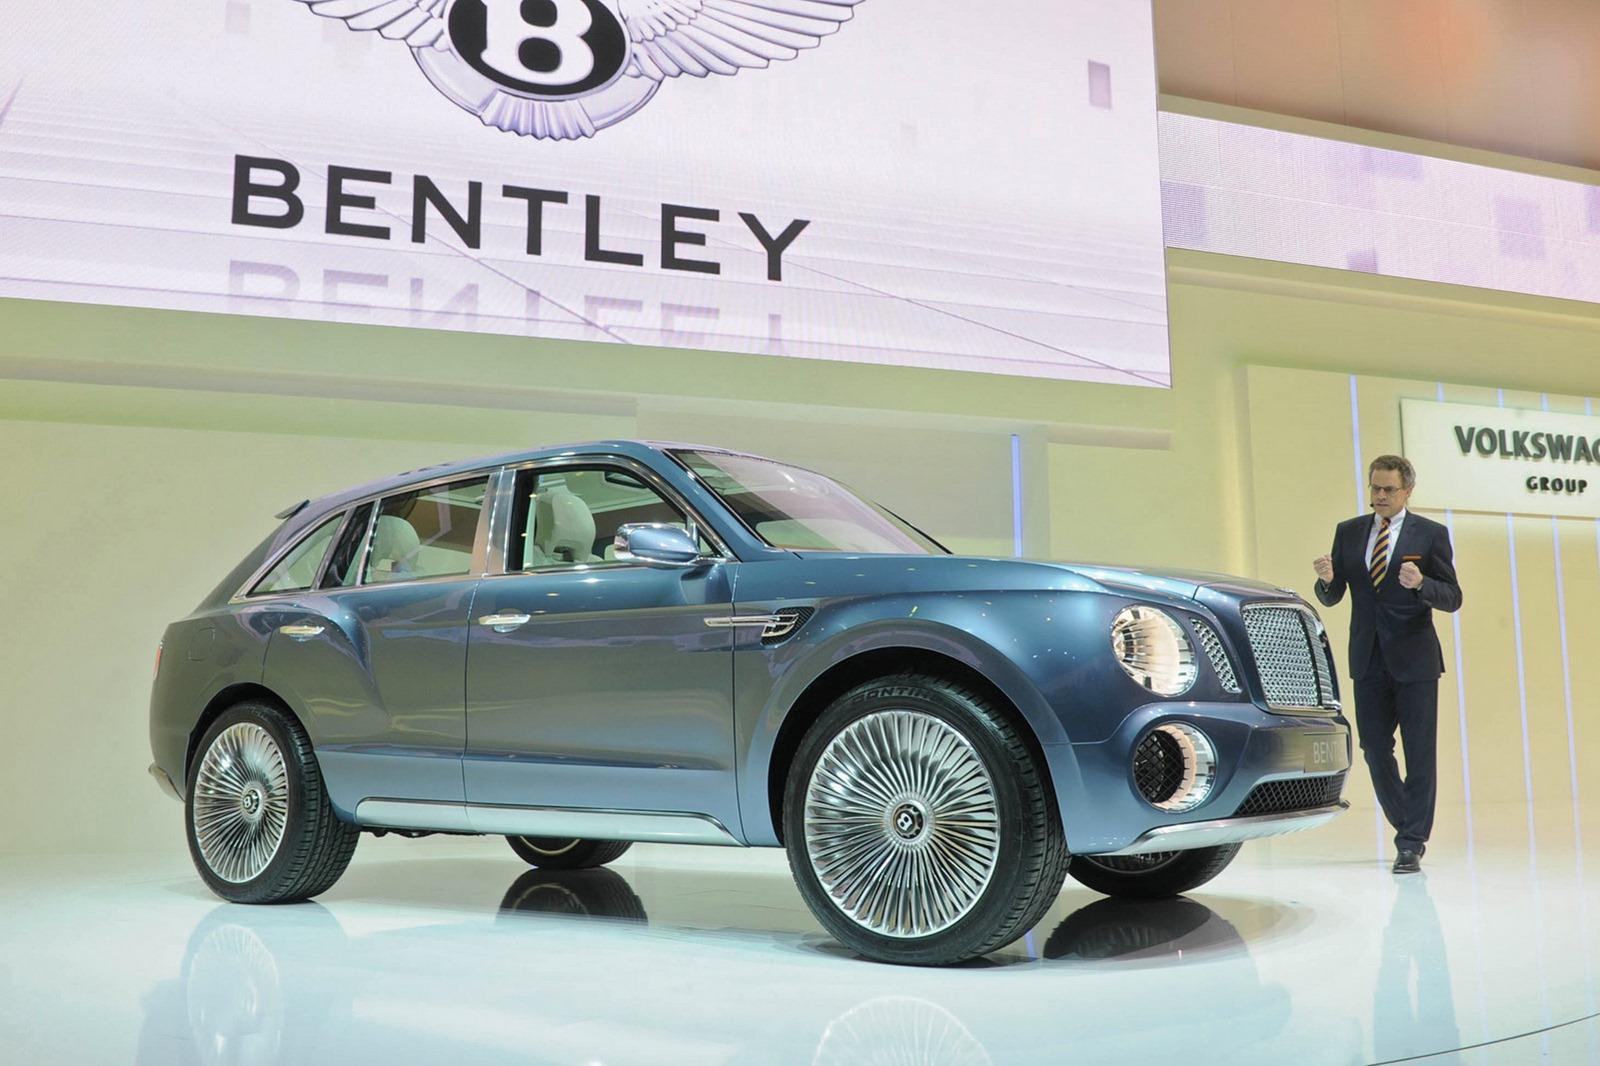 2014 Bentley Truck Bentley suv gets go-ahead from